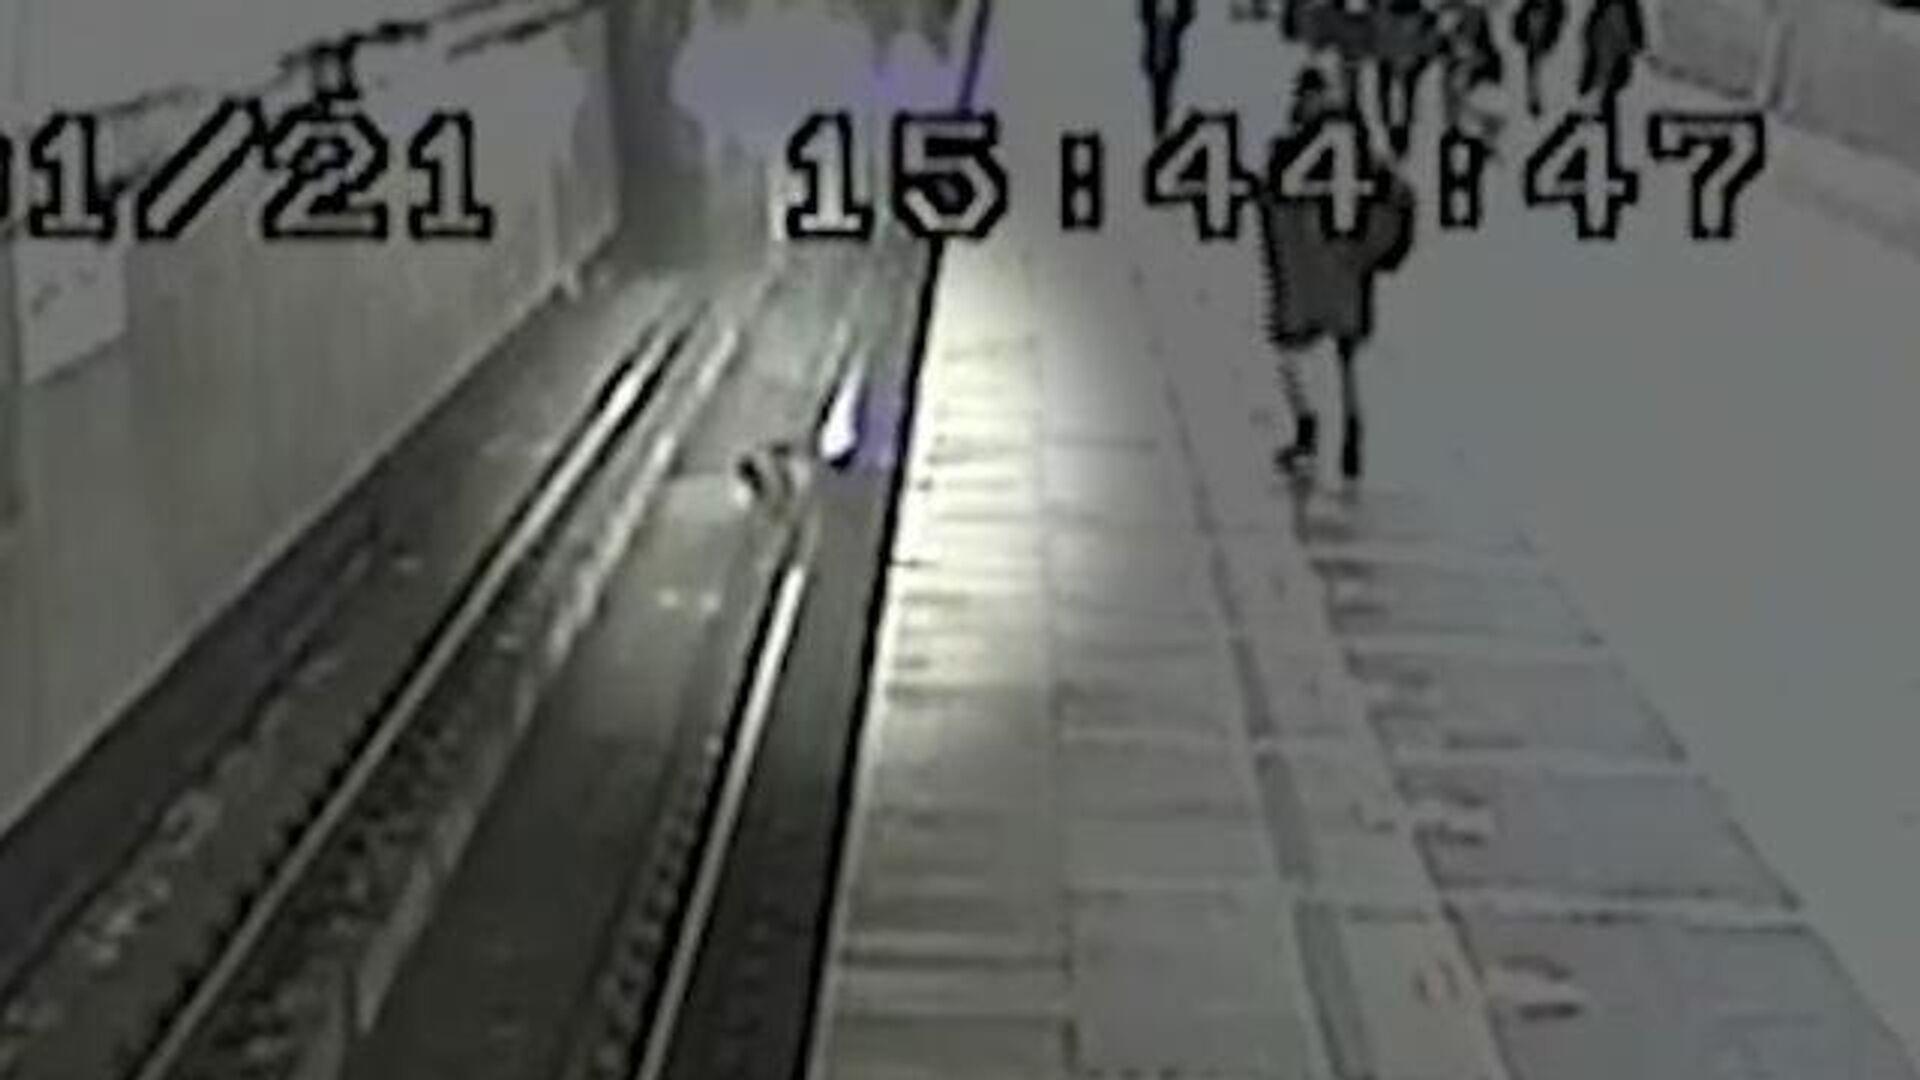 Машинист метро спас упавшего на рельсы ребенка - РИА Новости, 1920, 11.01.2021